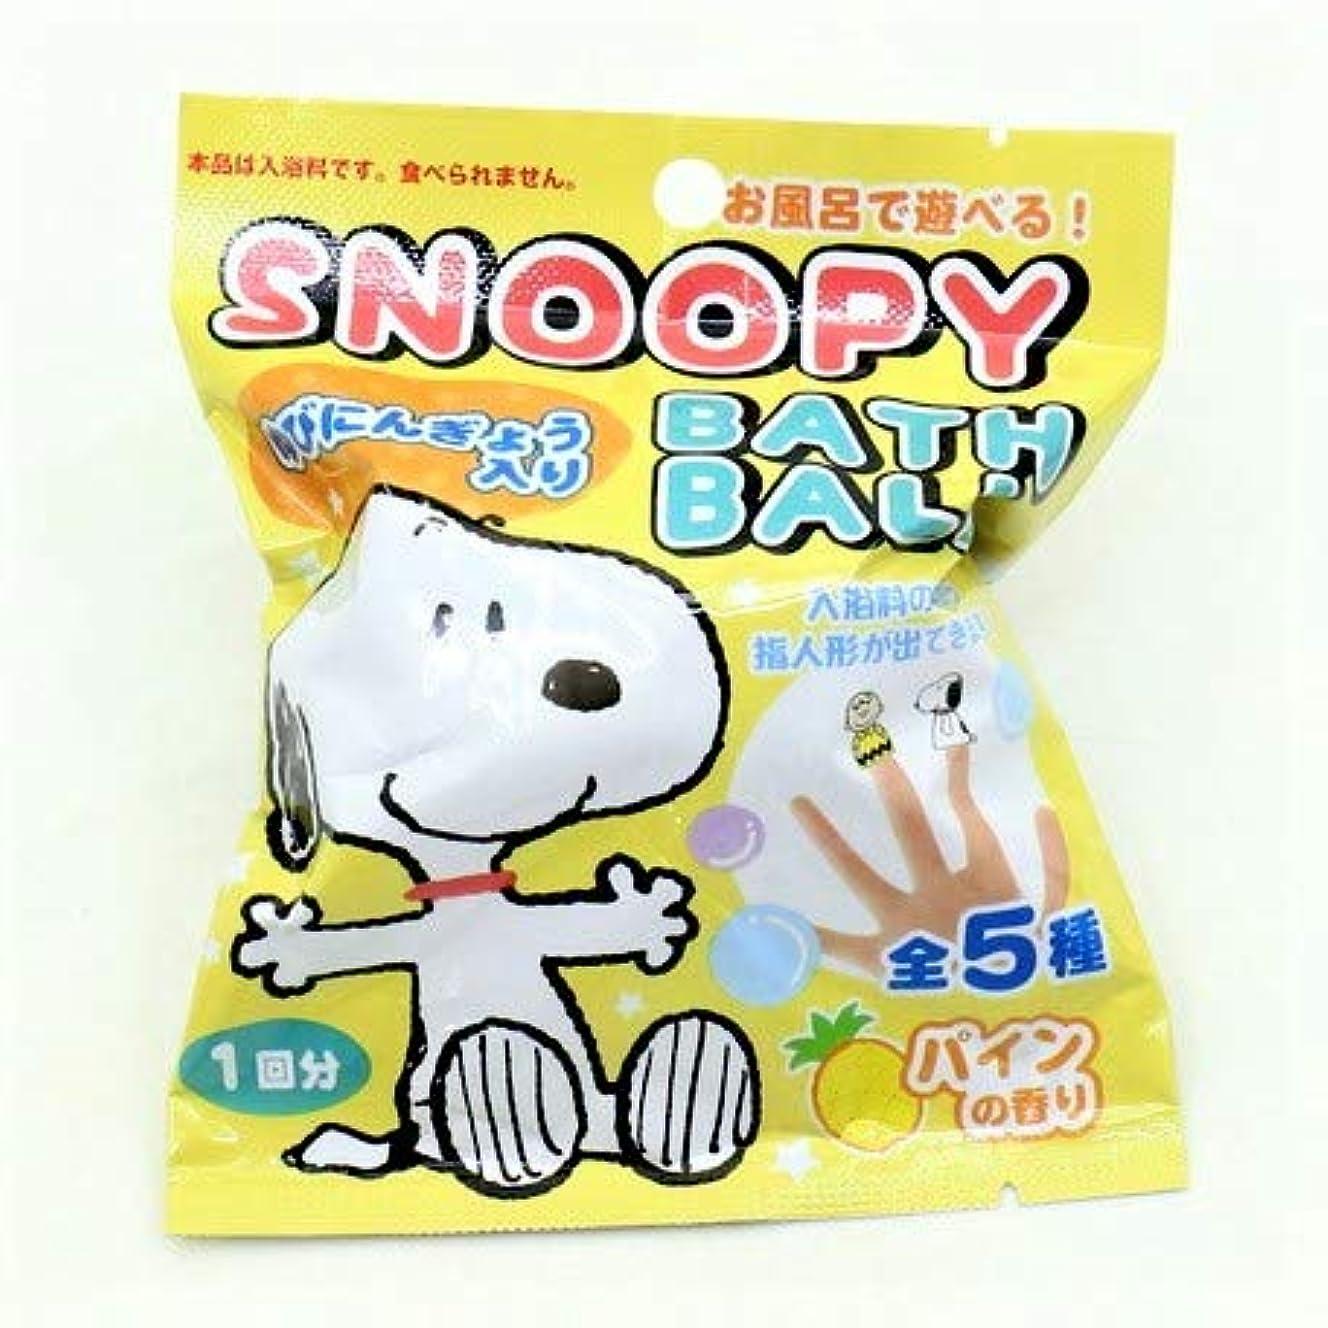 上院議員背の高い誘うスヌーピー バスボール 入浴剤 パインの香り 6個1セット 指人形 Snoopy